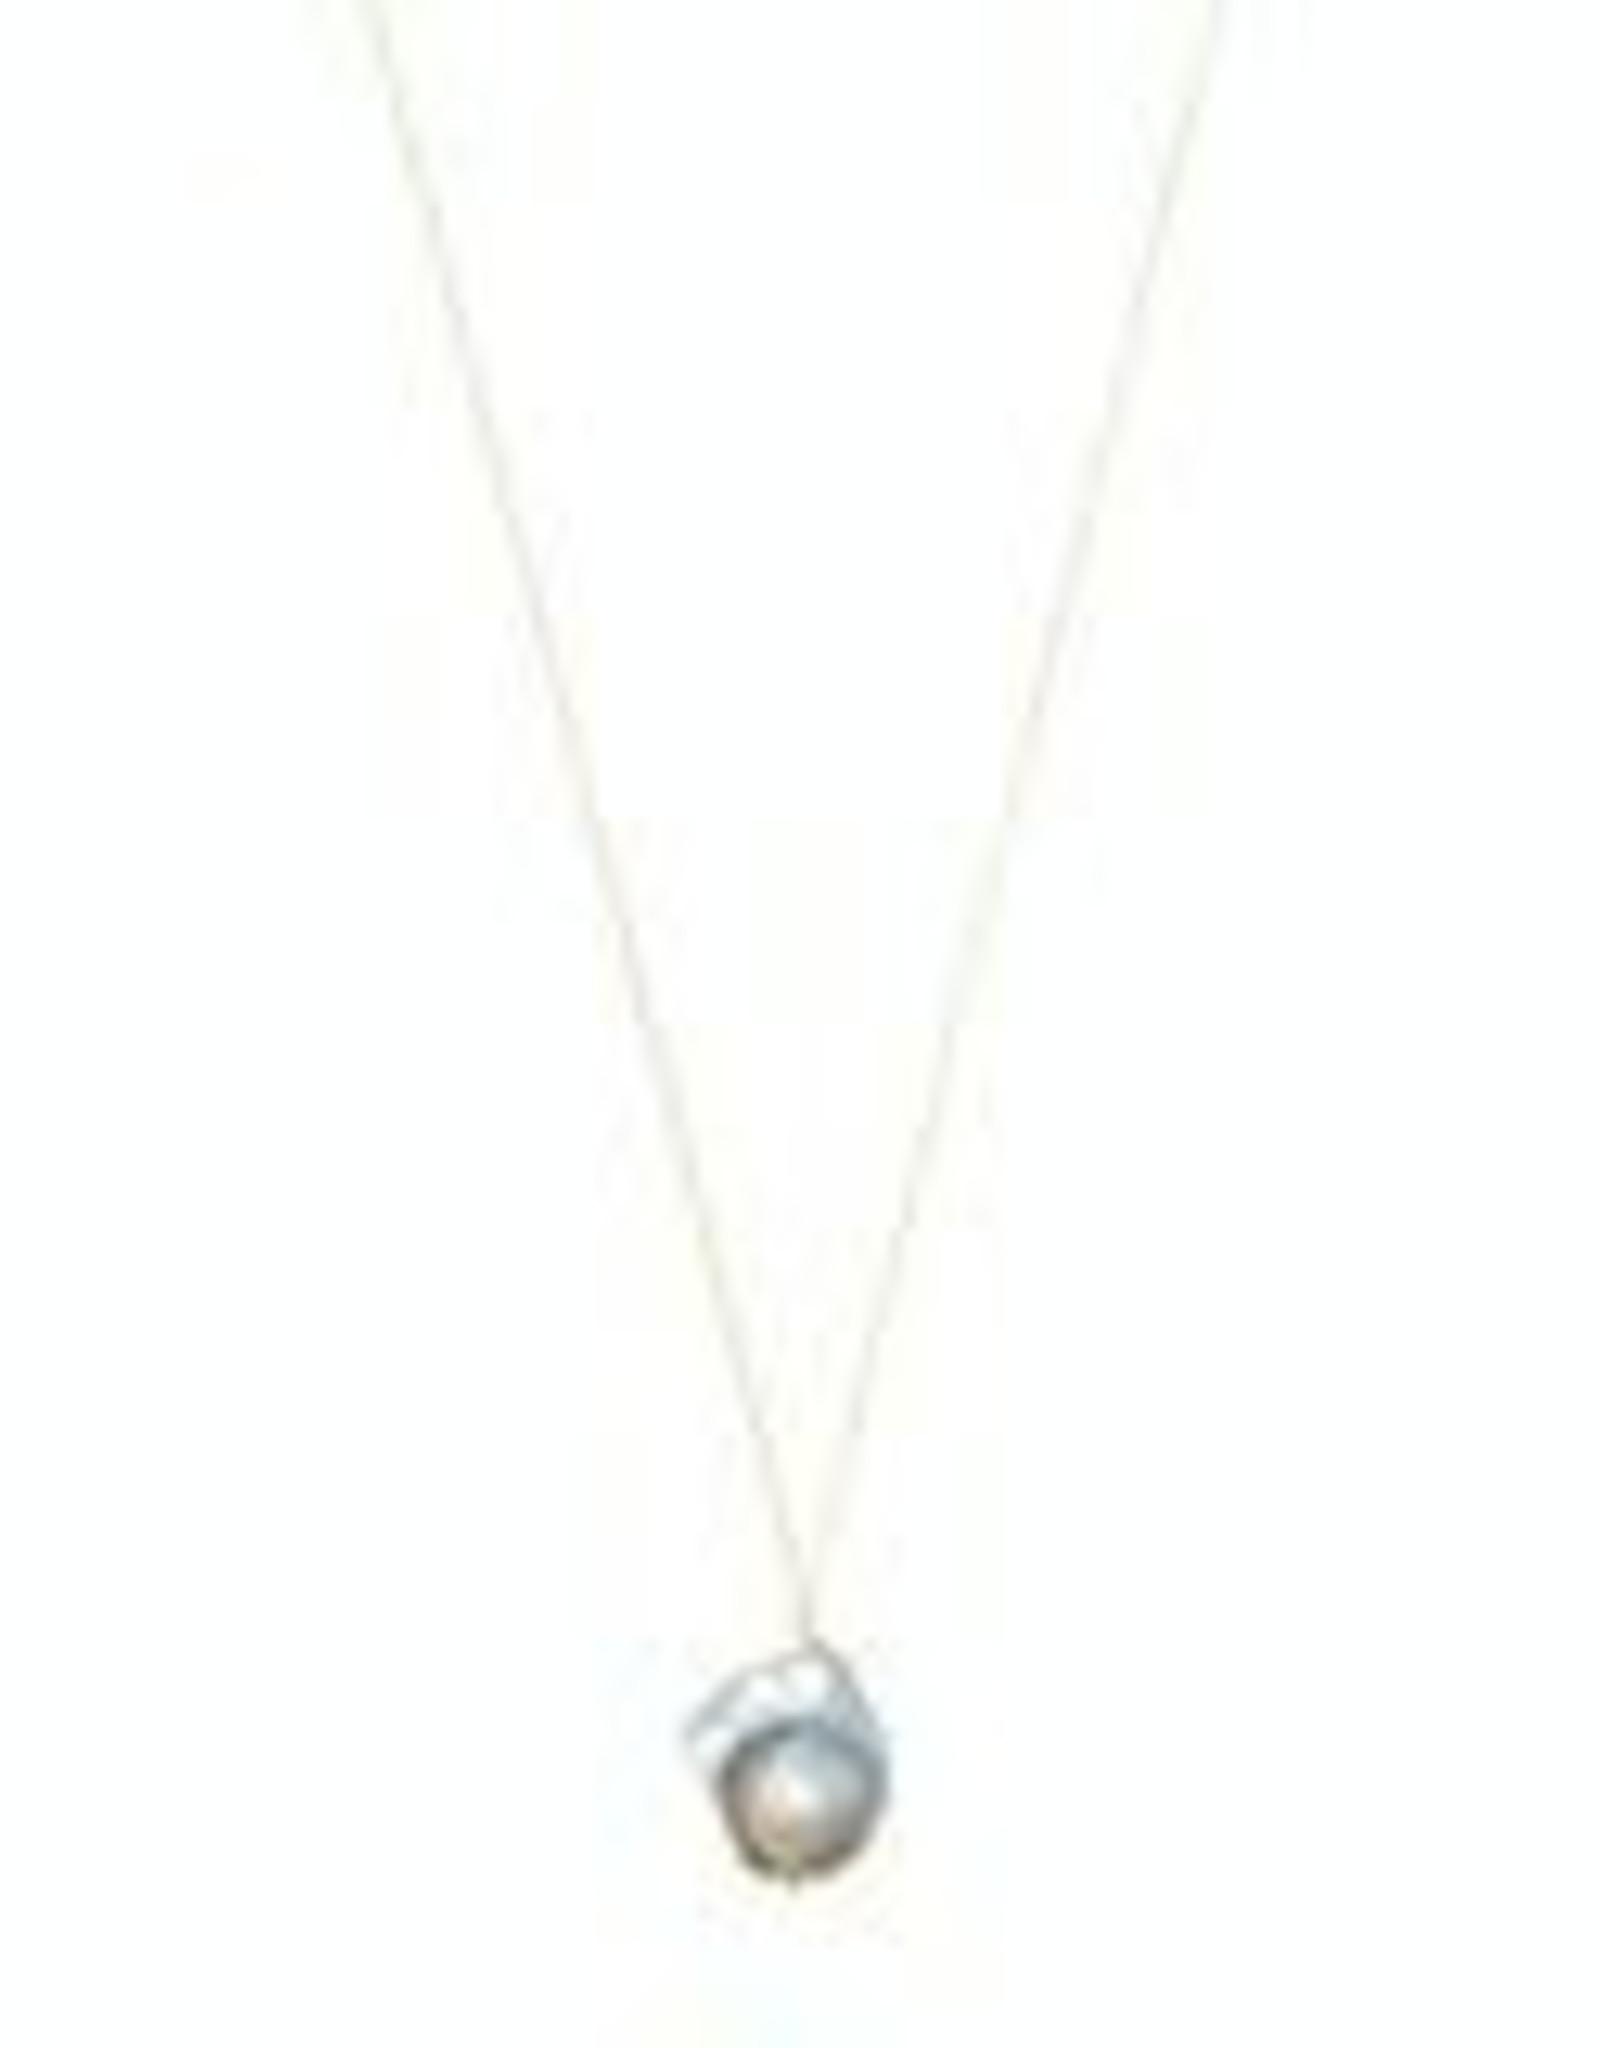 Machete Silver Baroque Pearl Necklace w/14K Chain